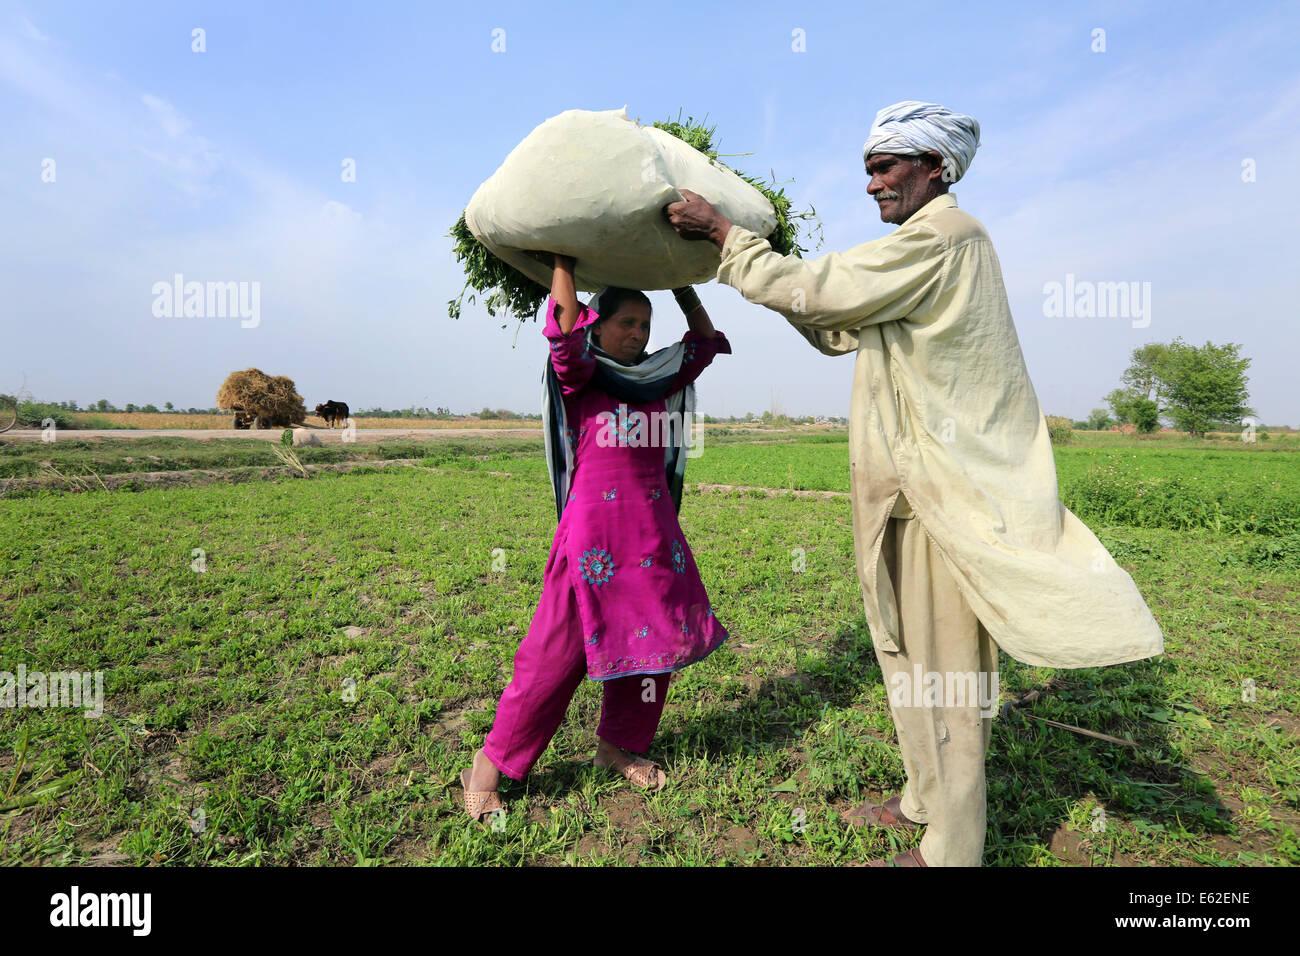 Bauern tragen eine Plünderung geernteten Klee füttern ihre Tiere in der Nähe von Khuspur Dorf, Provinz Stockbild